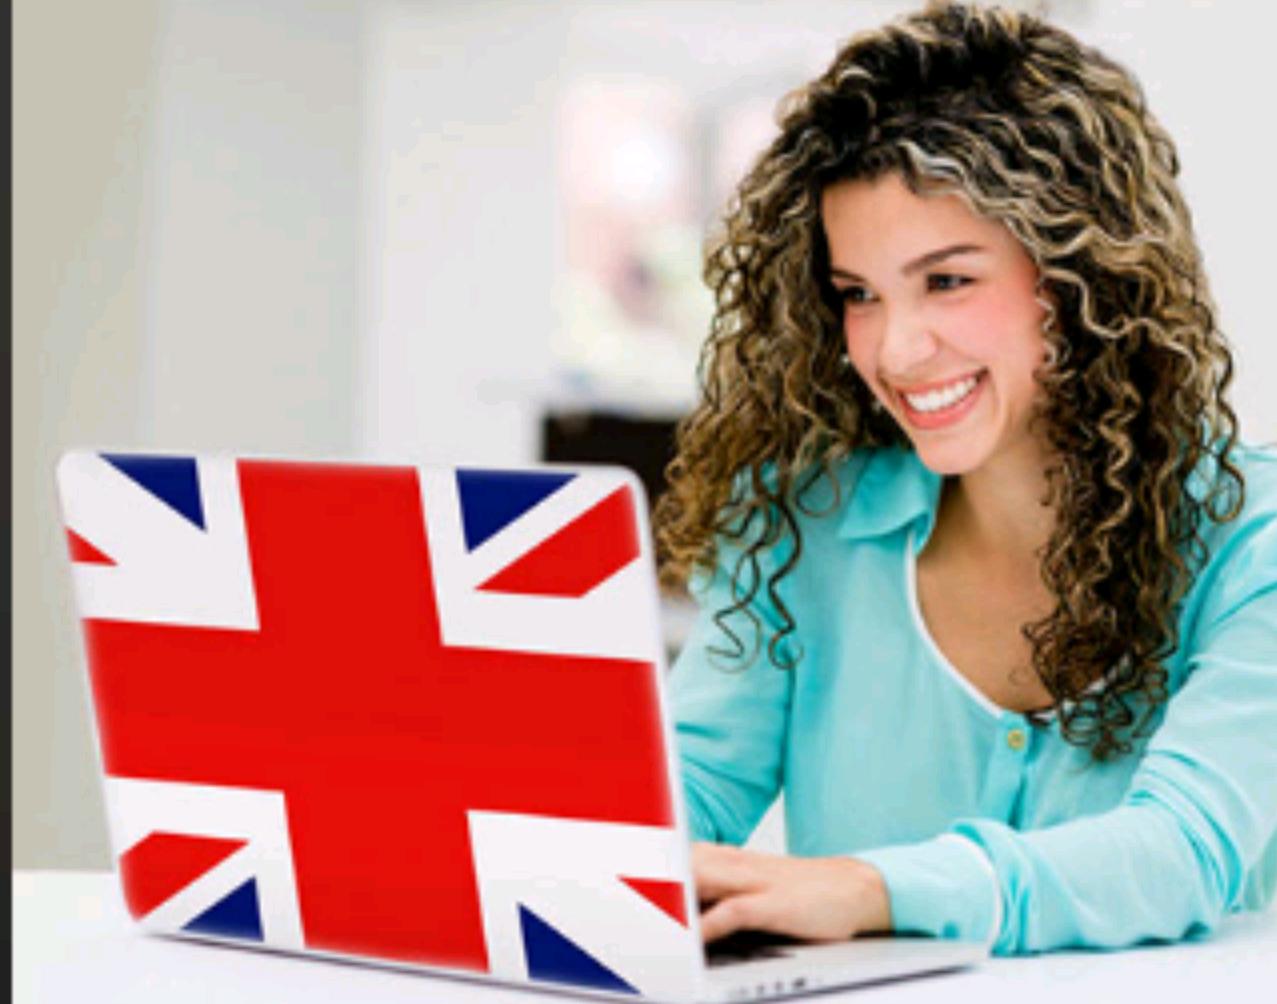 OXFORD ENGLISH Online-Englischkurs mit int. Zertifikat, 60 Monate UVP 1.999,00  für € 79,99 €*